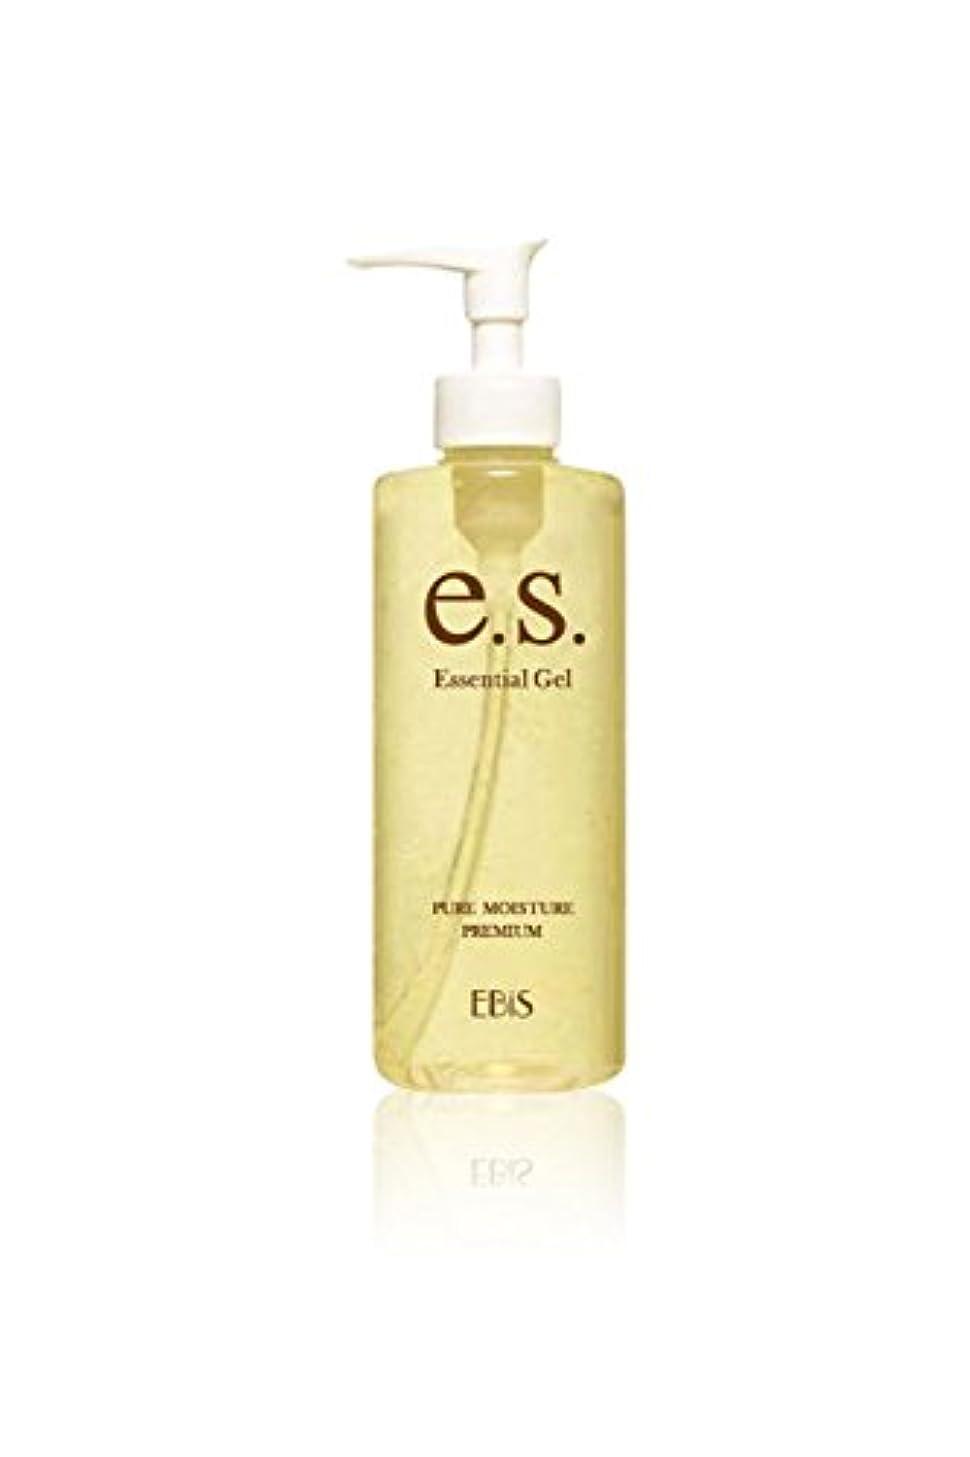 傀儡援助ふさわしいエビス化粧品(EBiS) イーエスエッセンシャルジェル (105g) 美顔器ジェル 無添加処方 アルコールフリー 日本製 男女兼用 保湿ジェル